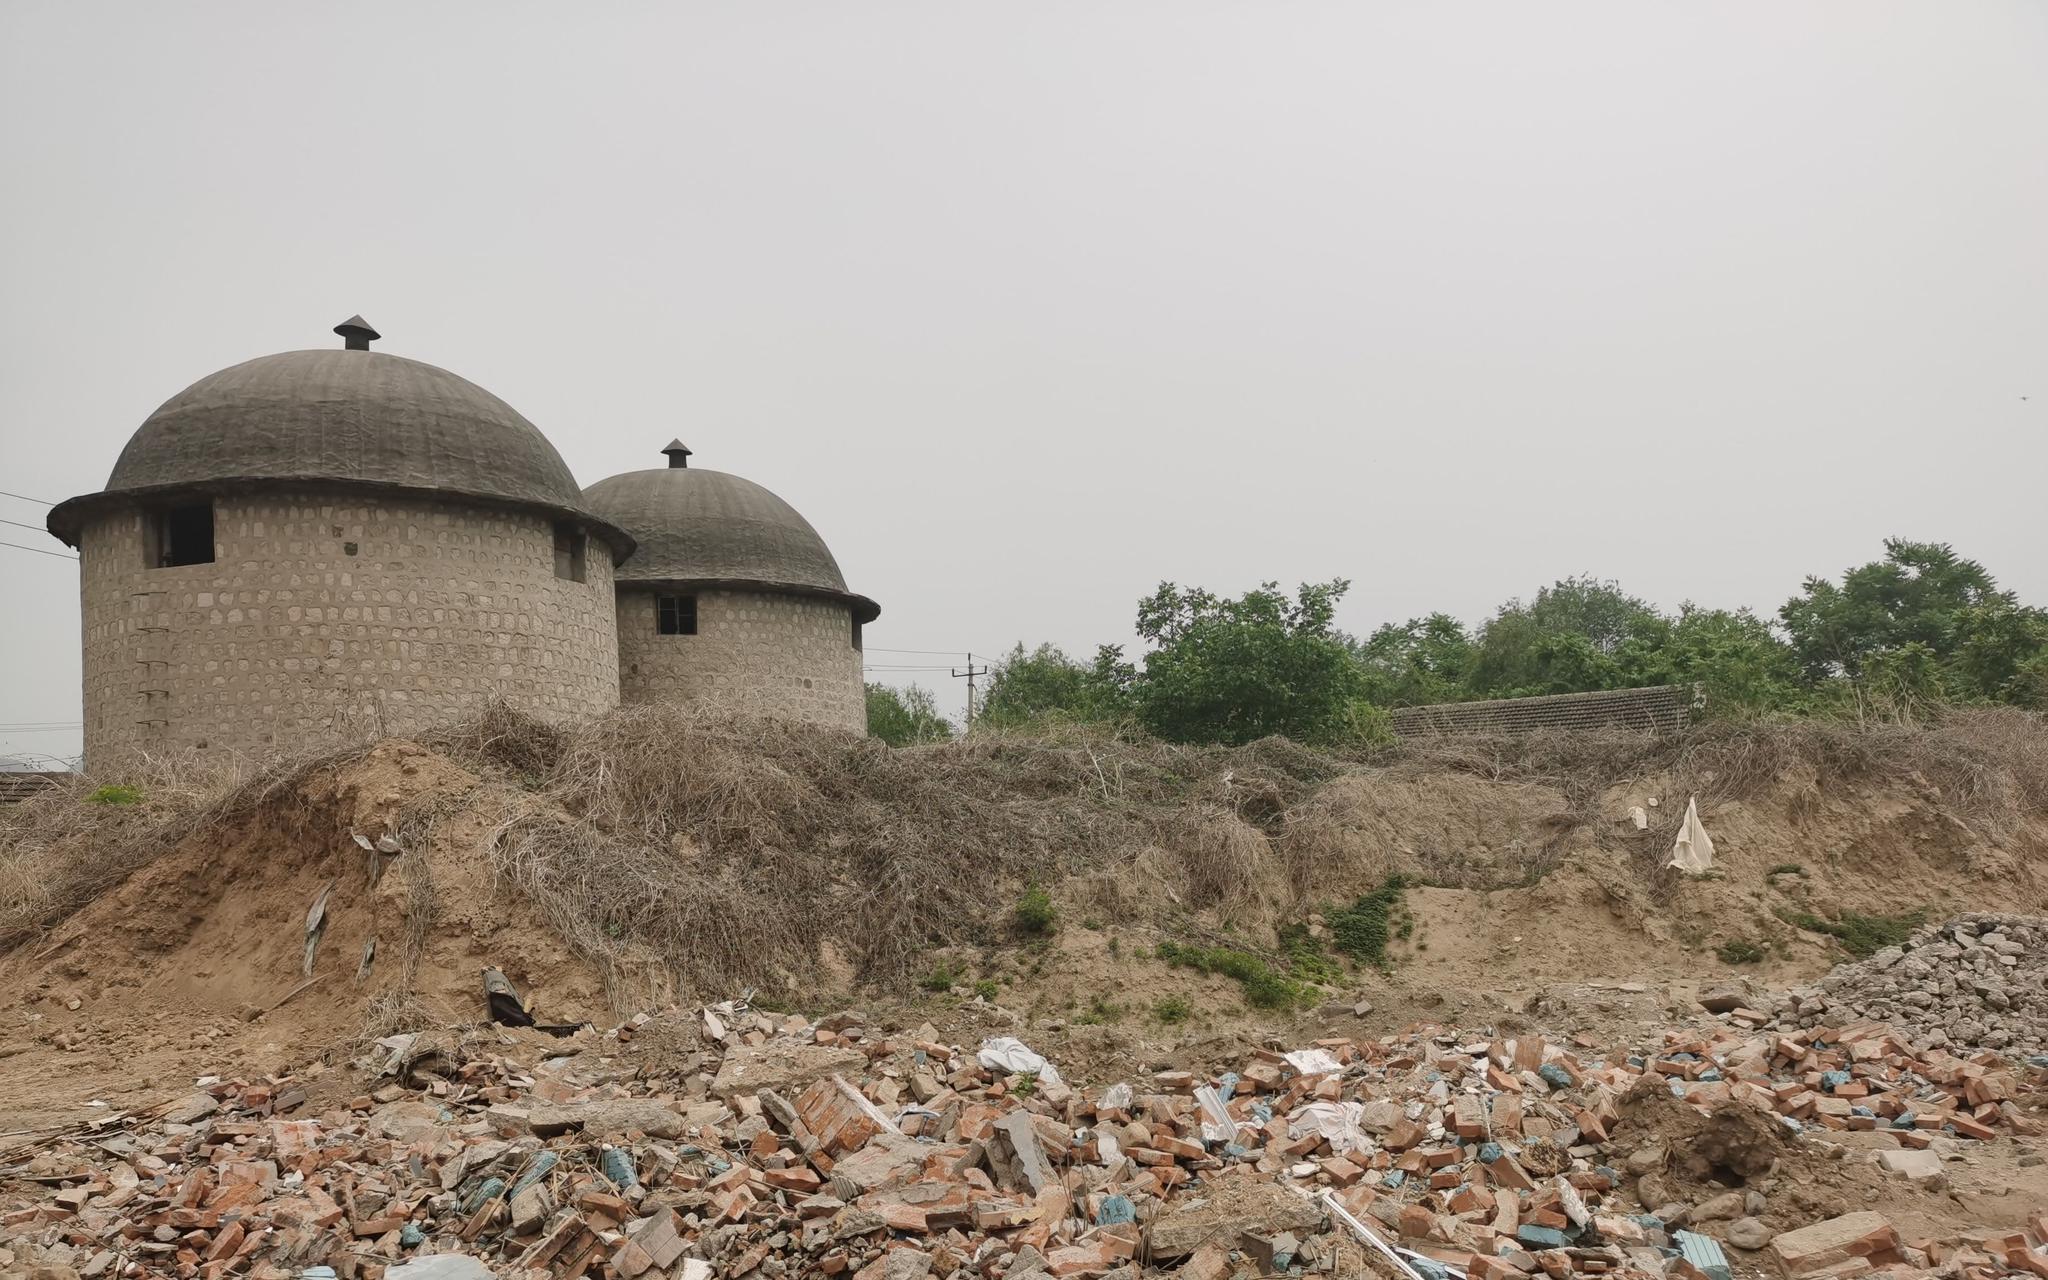 「摩鑫」村里摩鑫废弃的谷仓能否被艺术复活图片